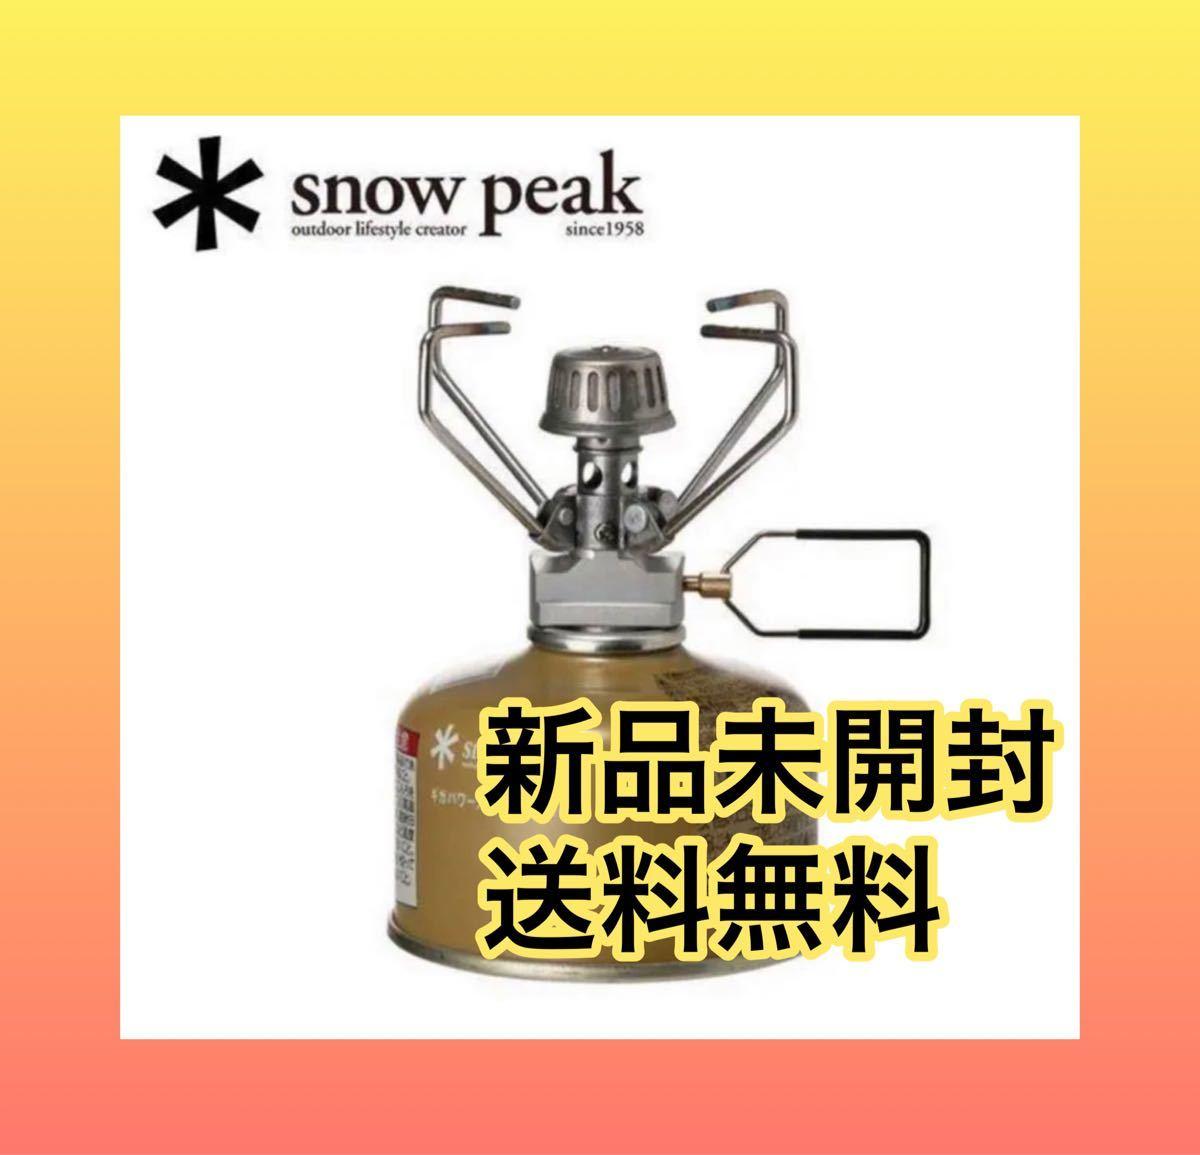 スノーピーク シングルバーナー ギガパワーストーブ 地 GS-100R2 snow peak (キャンプ アウトドア用品)